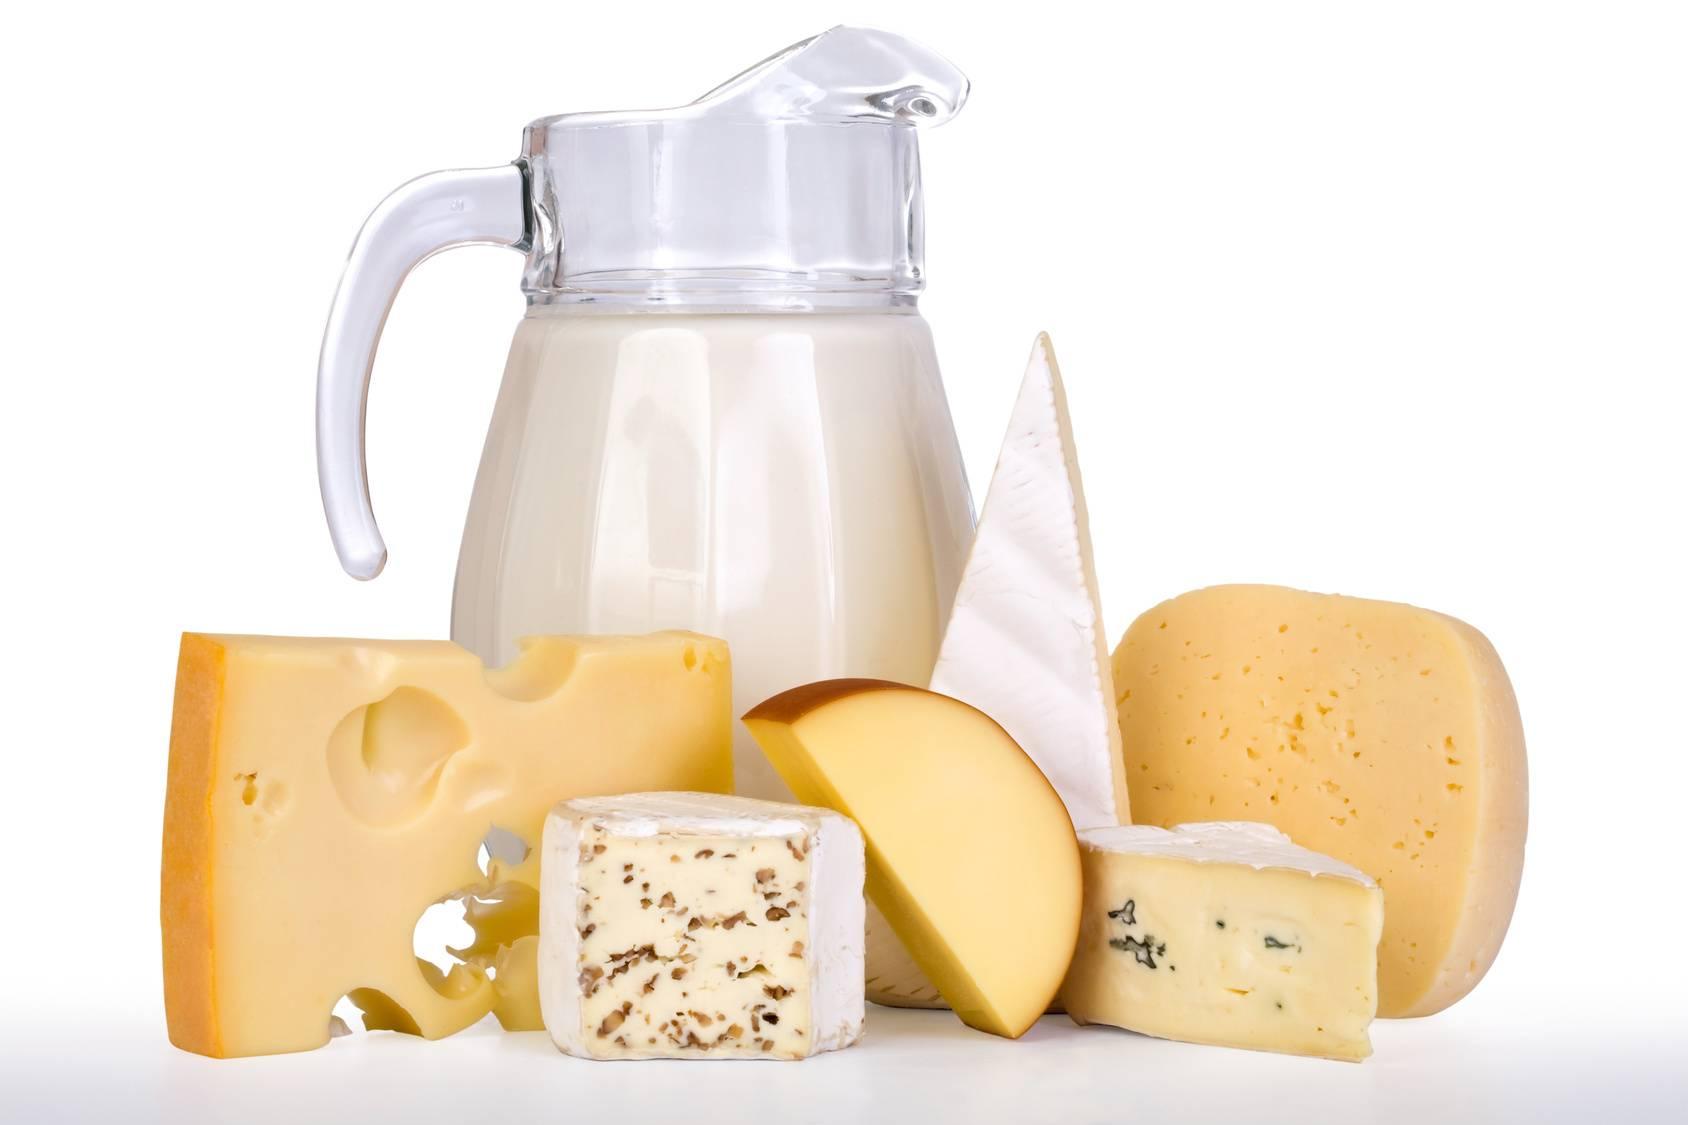 frische laktosefreie milch